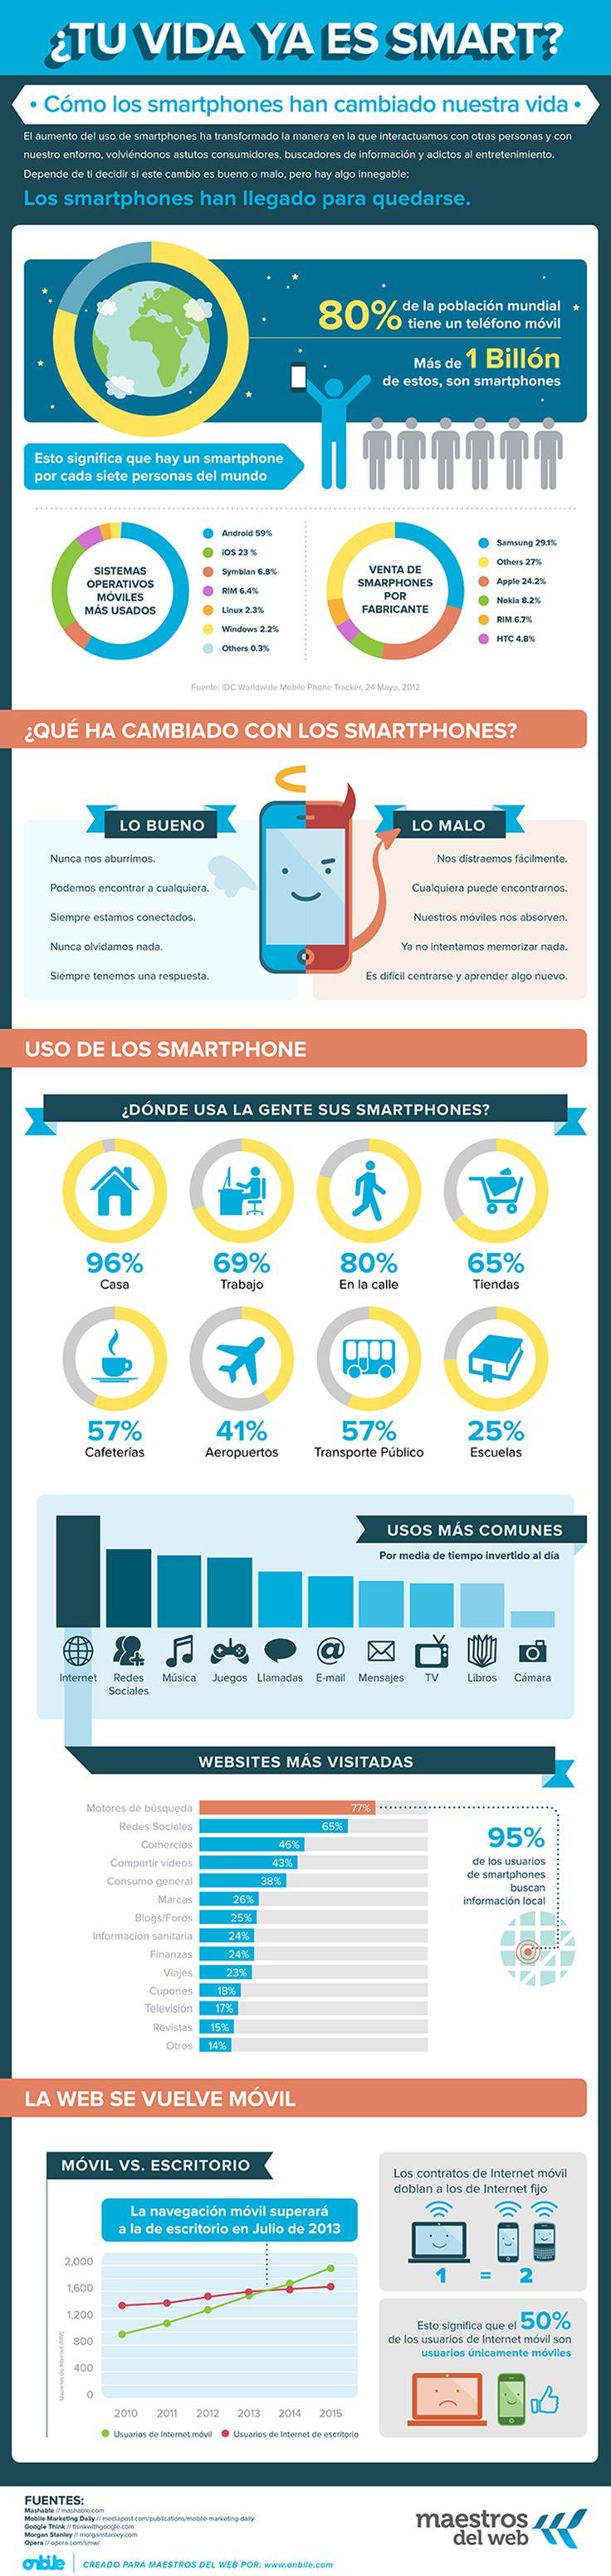 Infografía sobre como han cambiado los smartphones nuestra vida